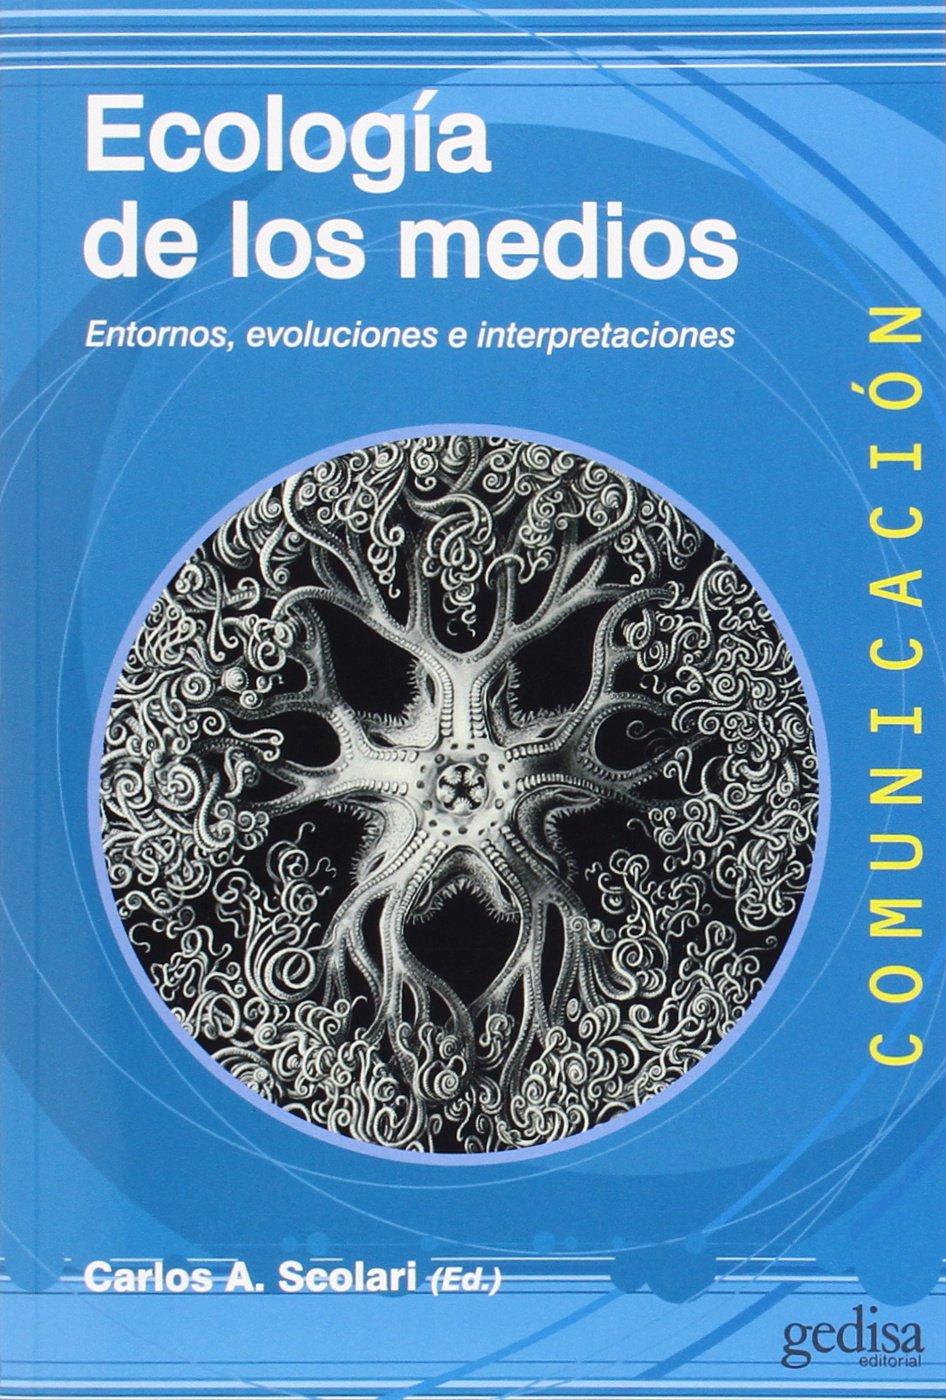 56.ECOLOGIA DE LOS MEDIOS.(COMUNICACION EDUCATIVA): CARLOS A. SCOLARI: 9788497848268: Amazon.com: Books